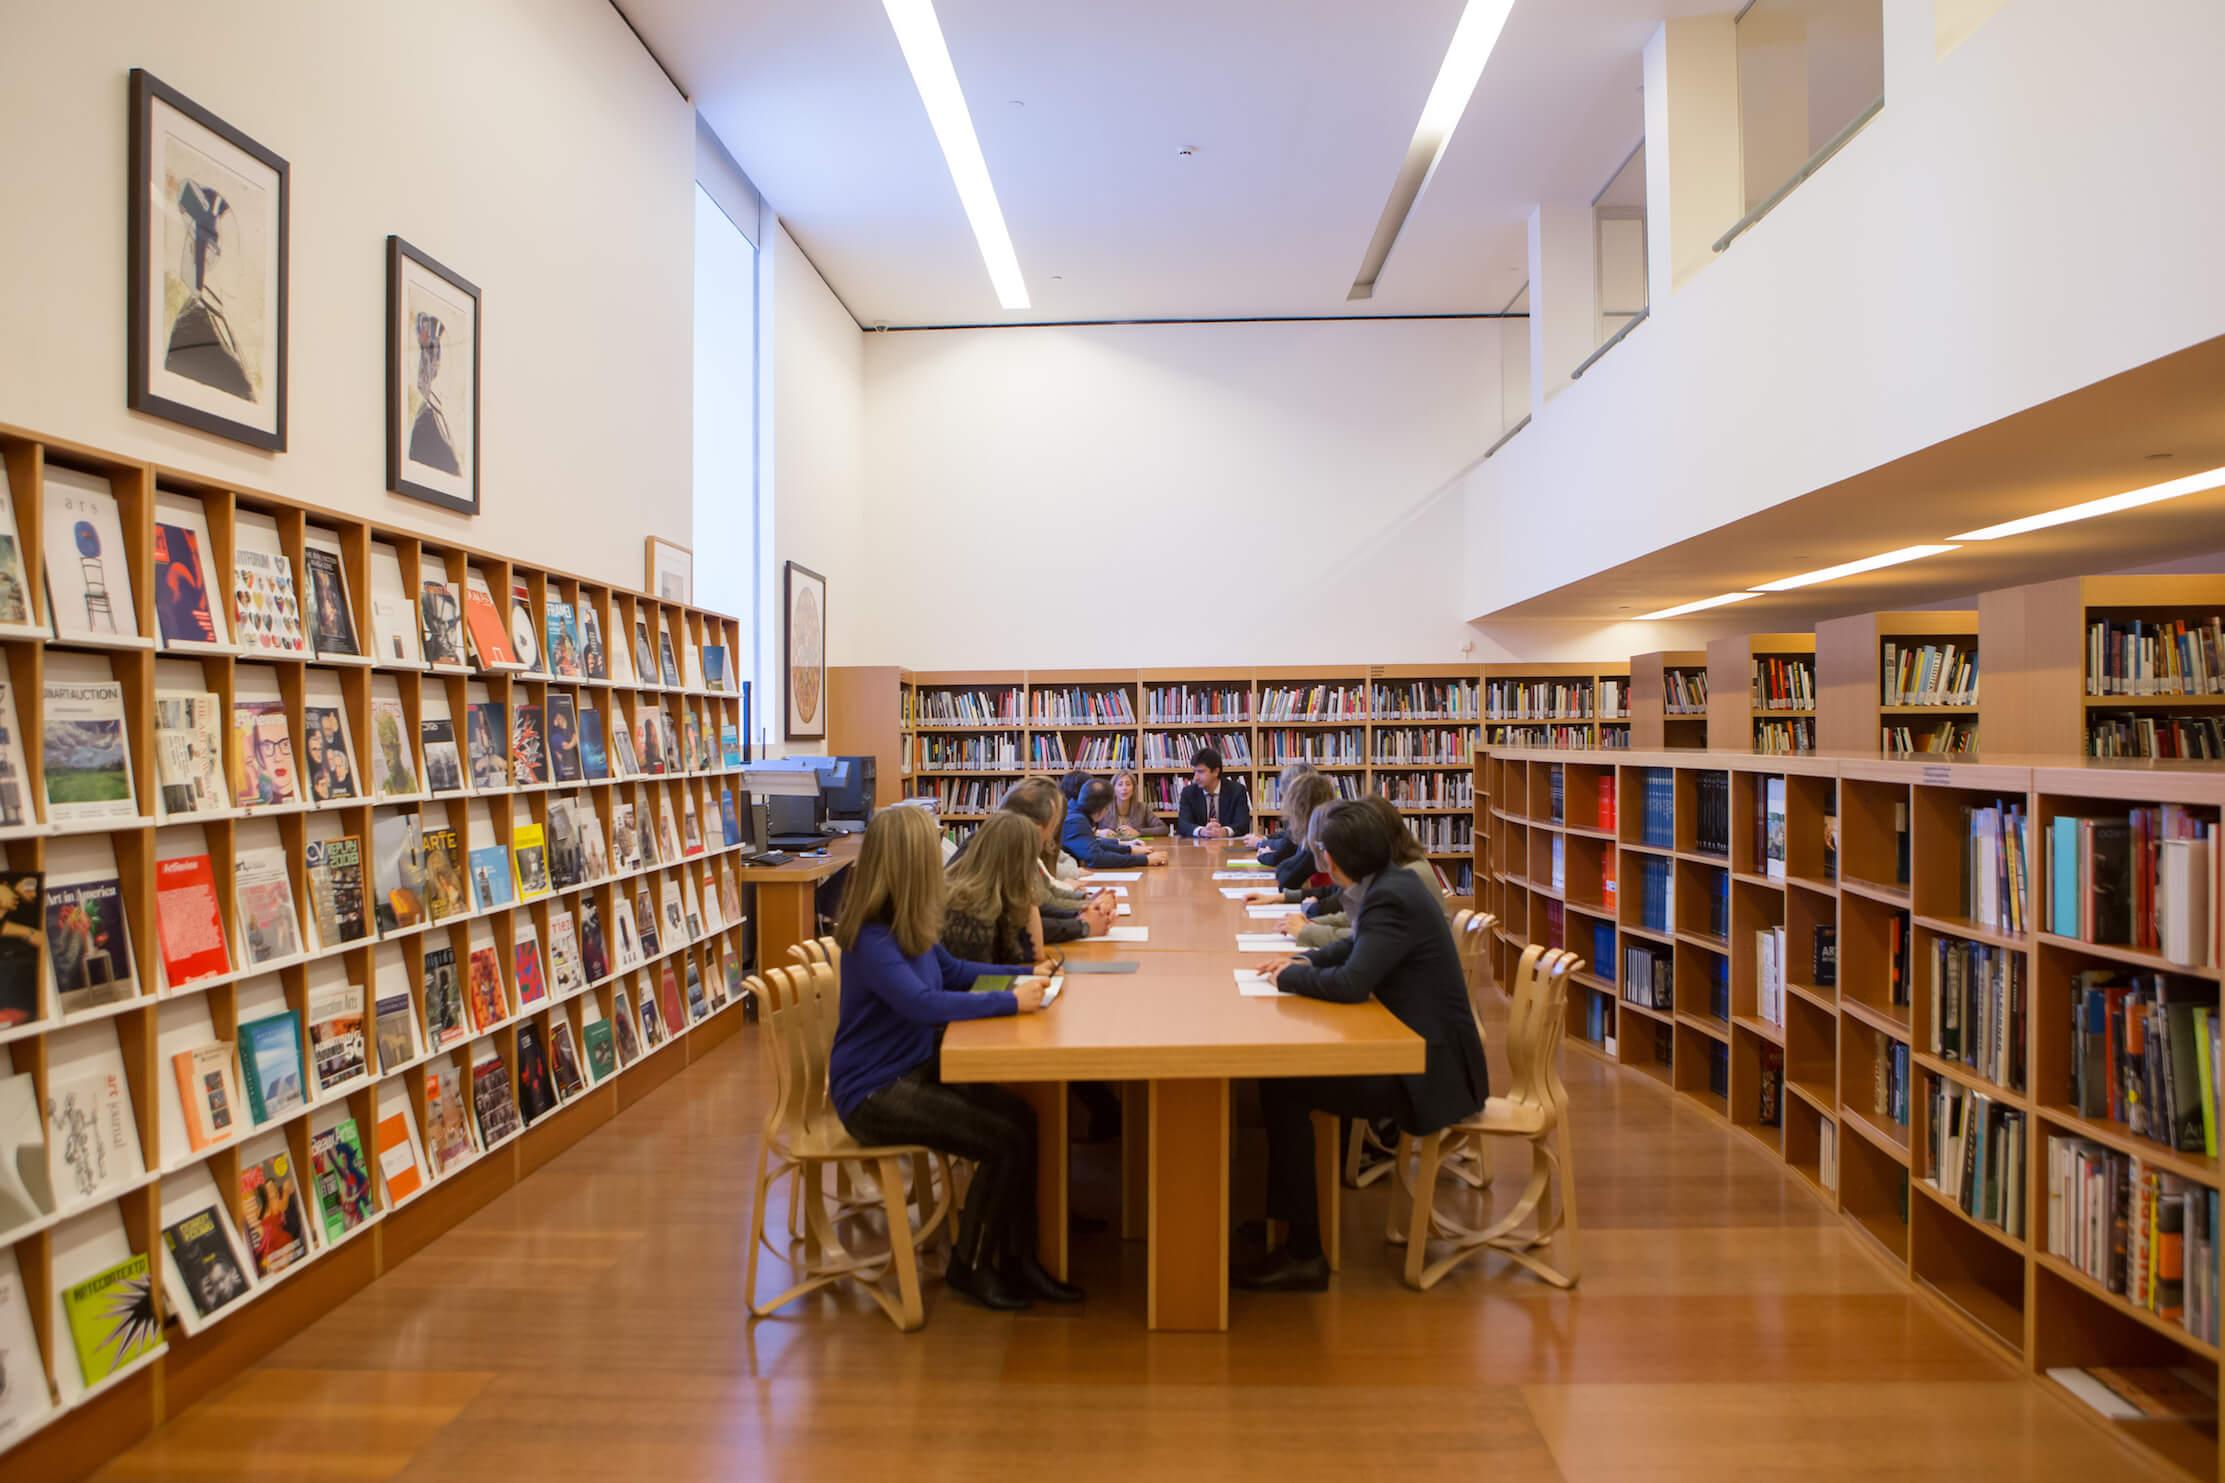 Biblioteca | Evento reunión | Guggenheim Bilbao Museoa